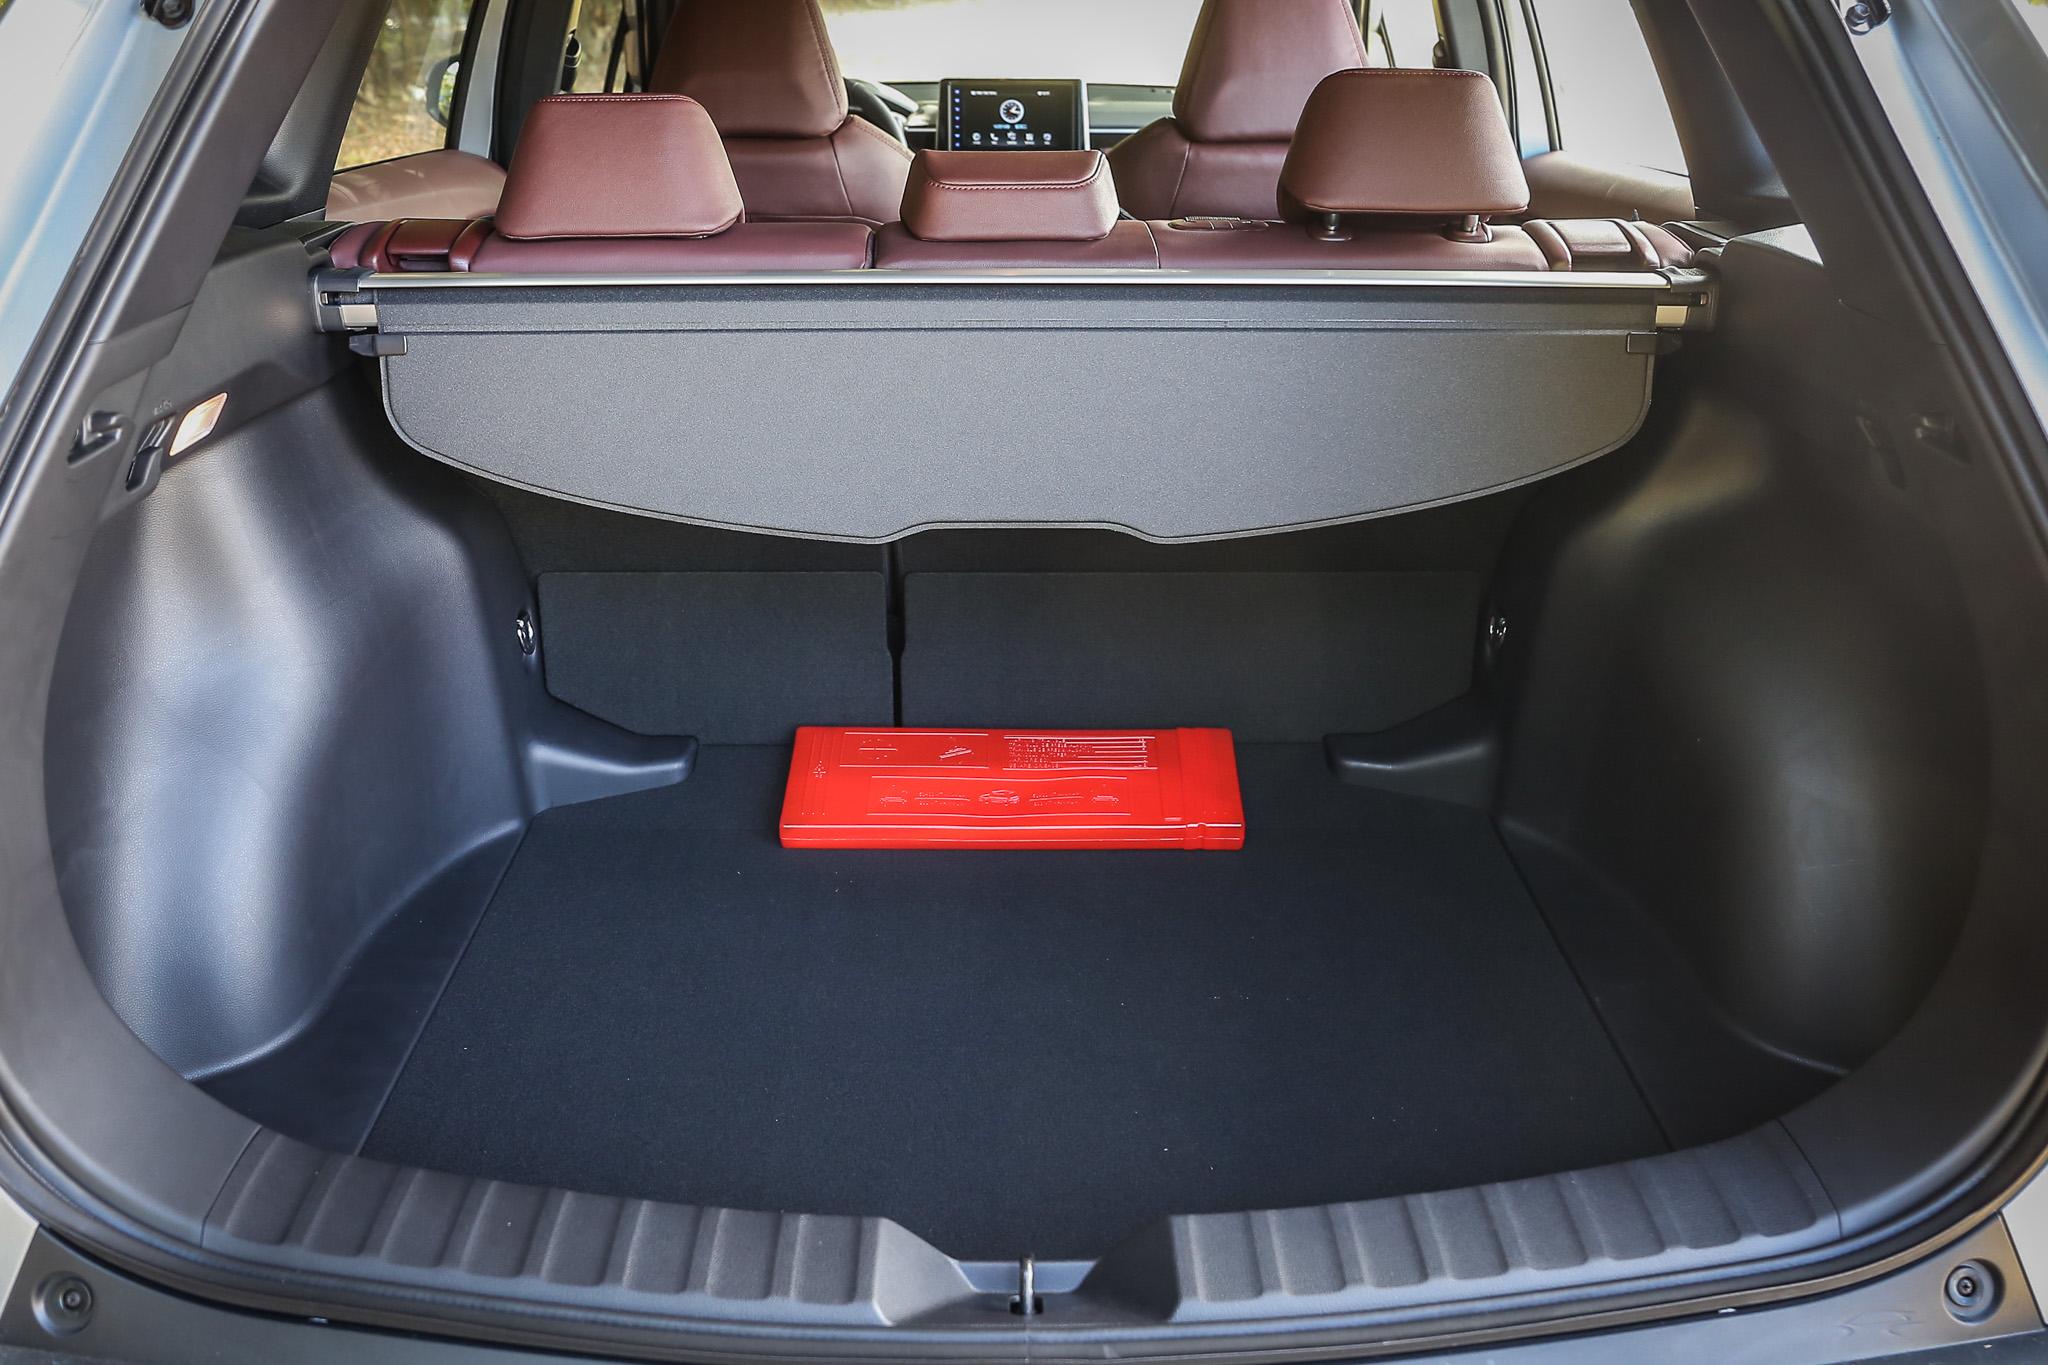 標準乘坐高達 487 公升的後廂容積,是取消備胎空間與下方扭力樑配置所共同努力的結果。